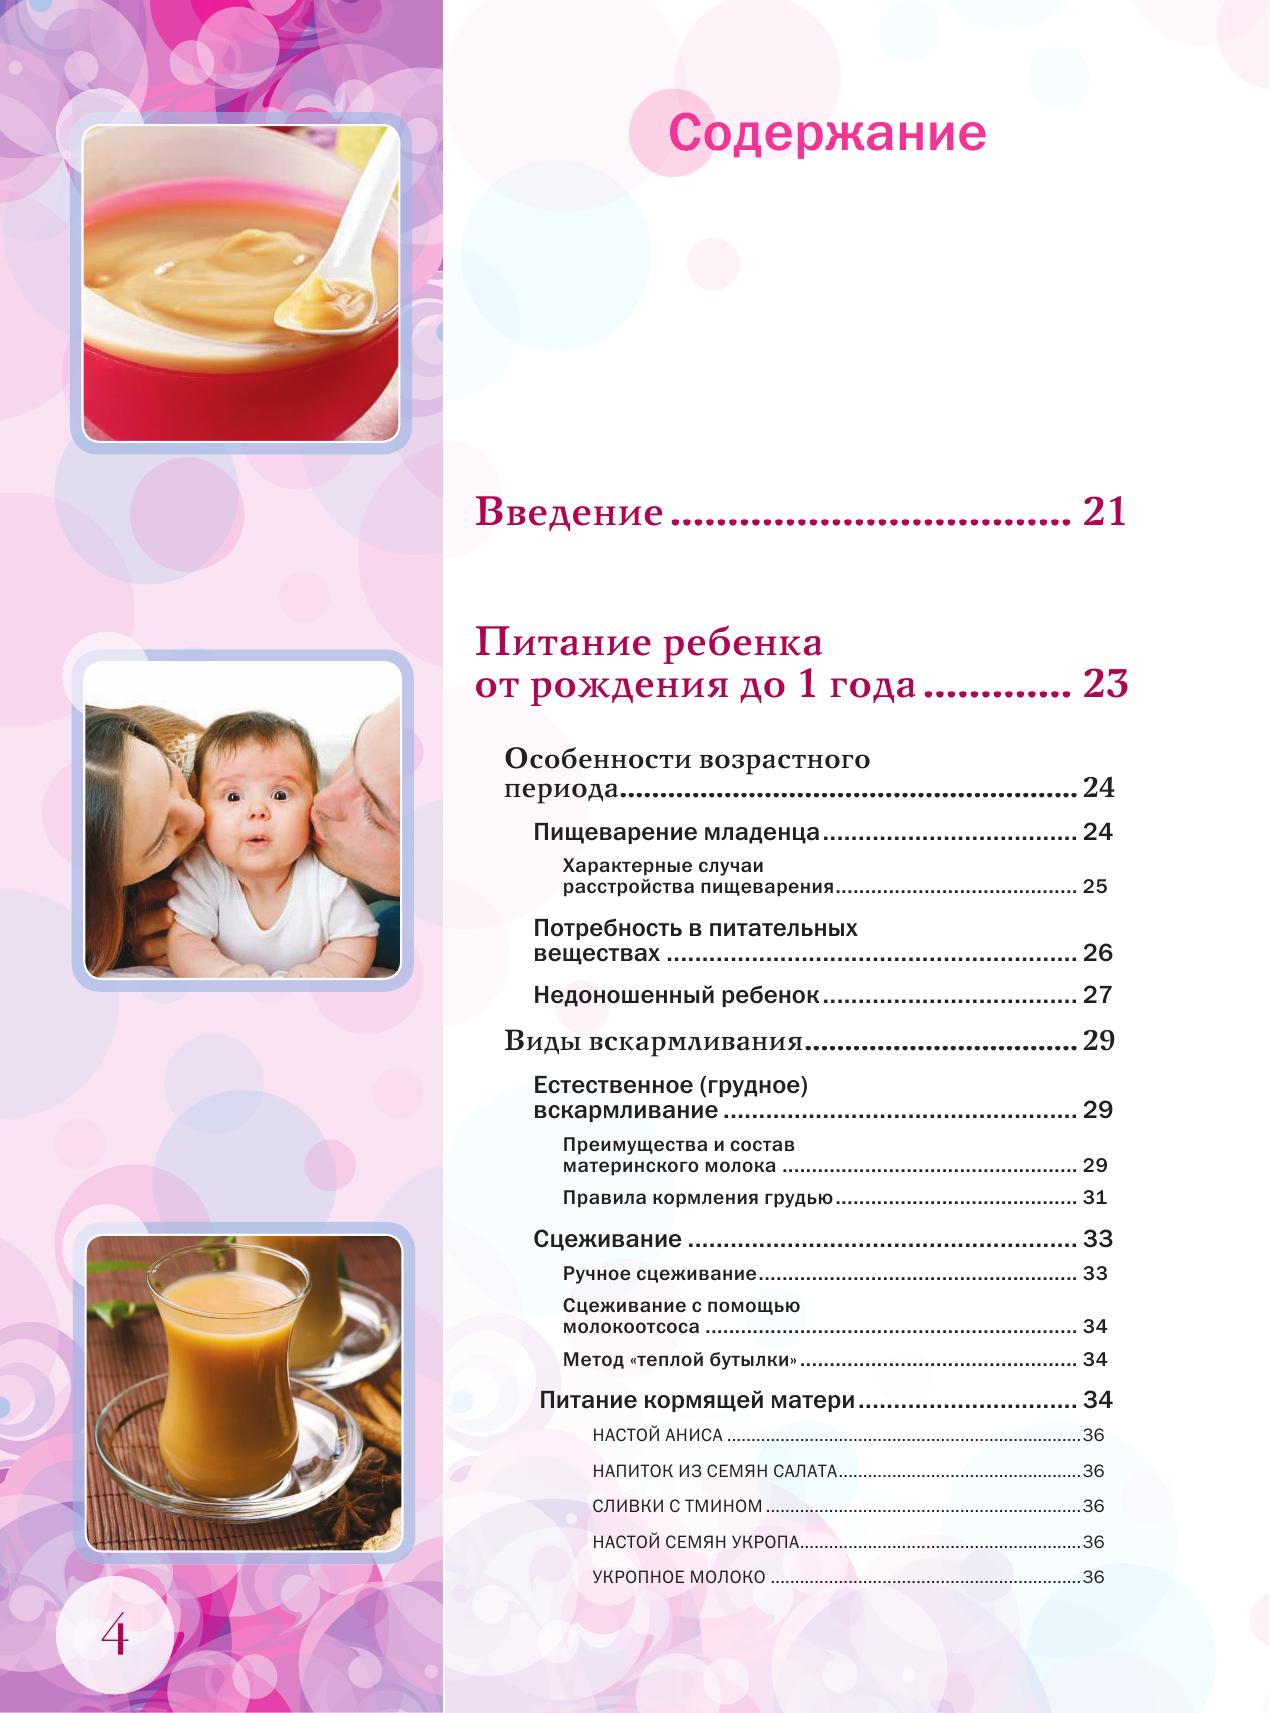 Рецепты для детей до года: меню с детскими блюдами по месяцам (таблица)